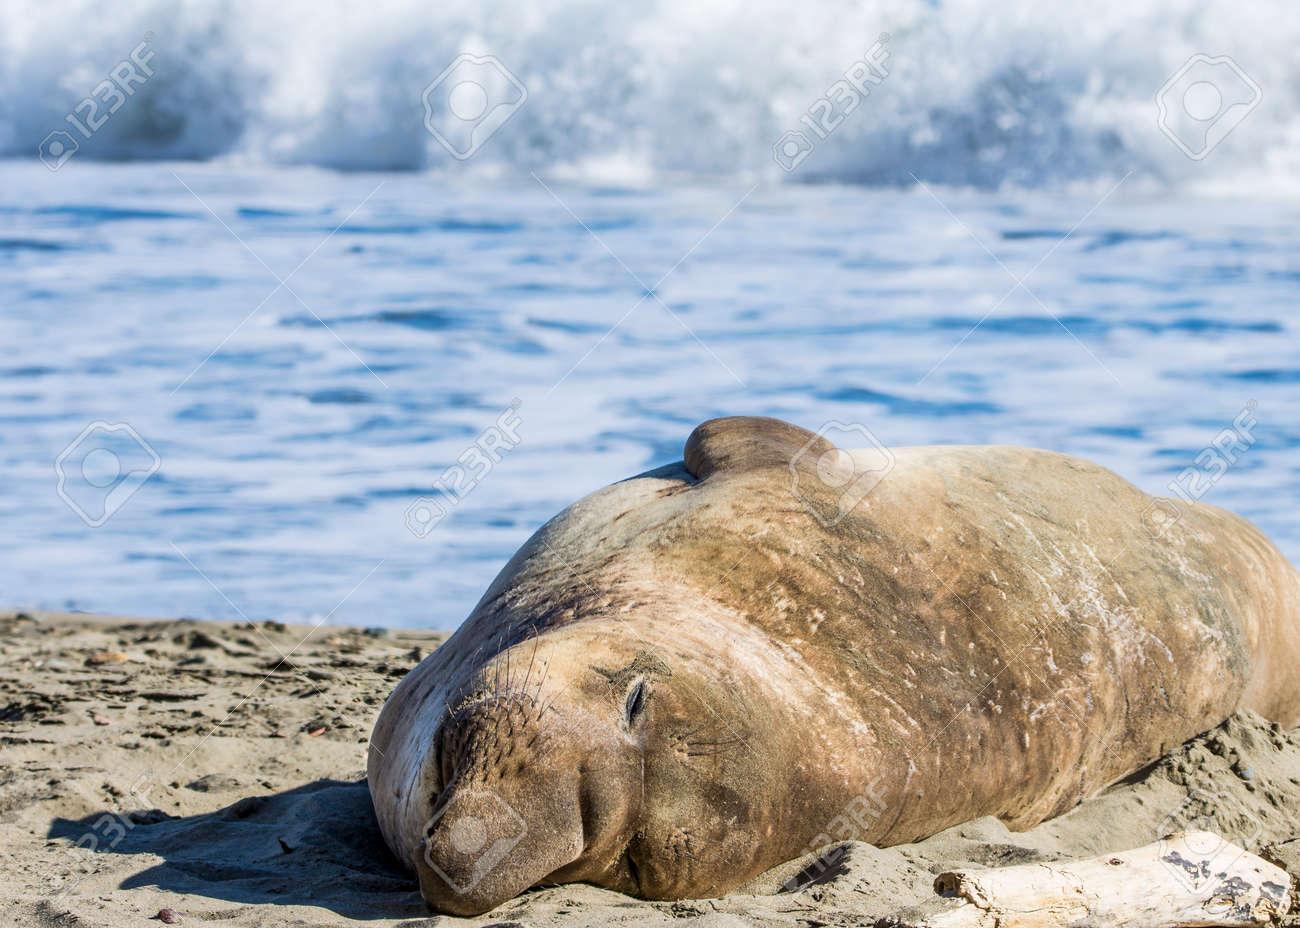 Bull Elephant Seal on San Simeon Beach - California. - 158803406